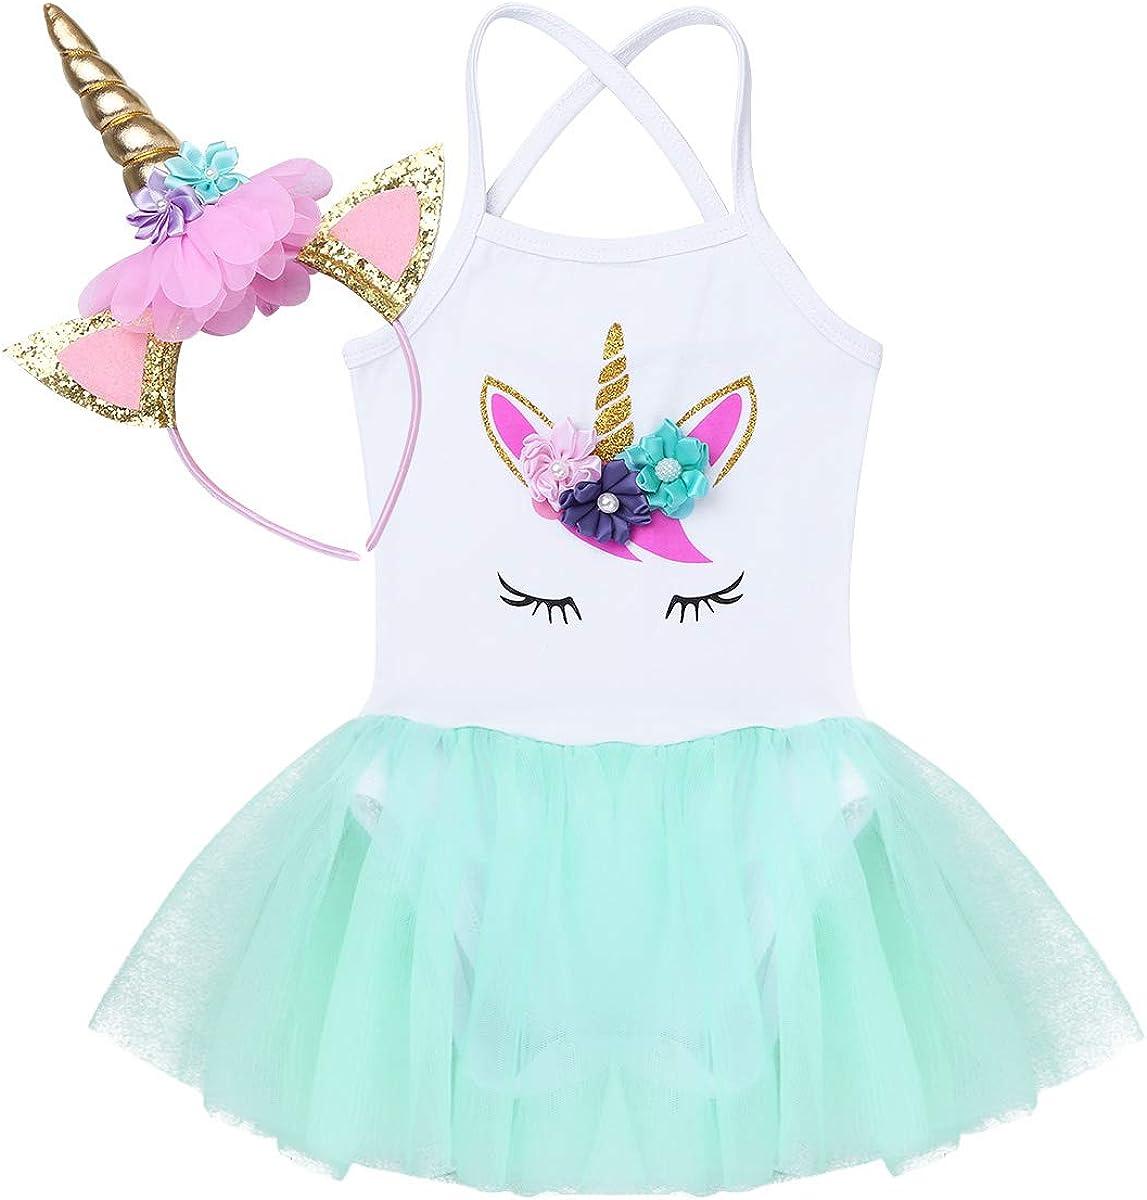 iiniim Vestido Unicornio Princesa para Bebe Niña Diadema Tutú Disfraz Unicornio Traje de Fiesta Cumpleaños Ceremonia Actuación Maillot con Falda Tutu 6-24 Meses